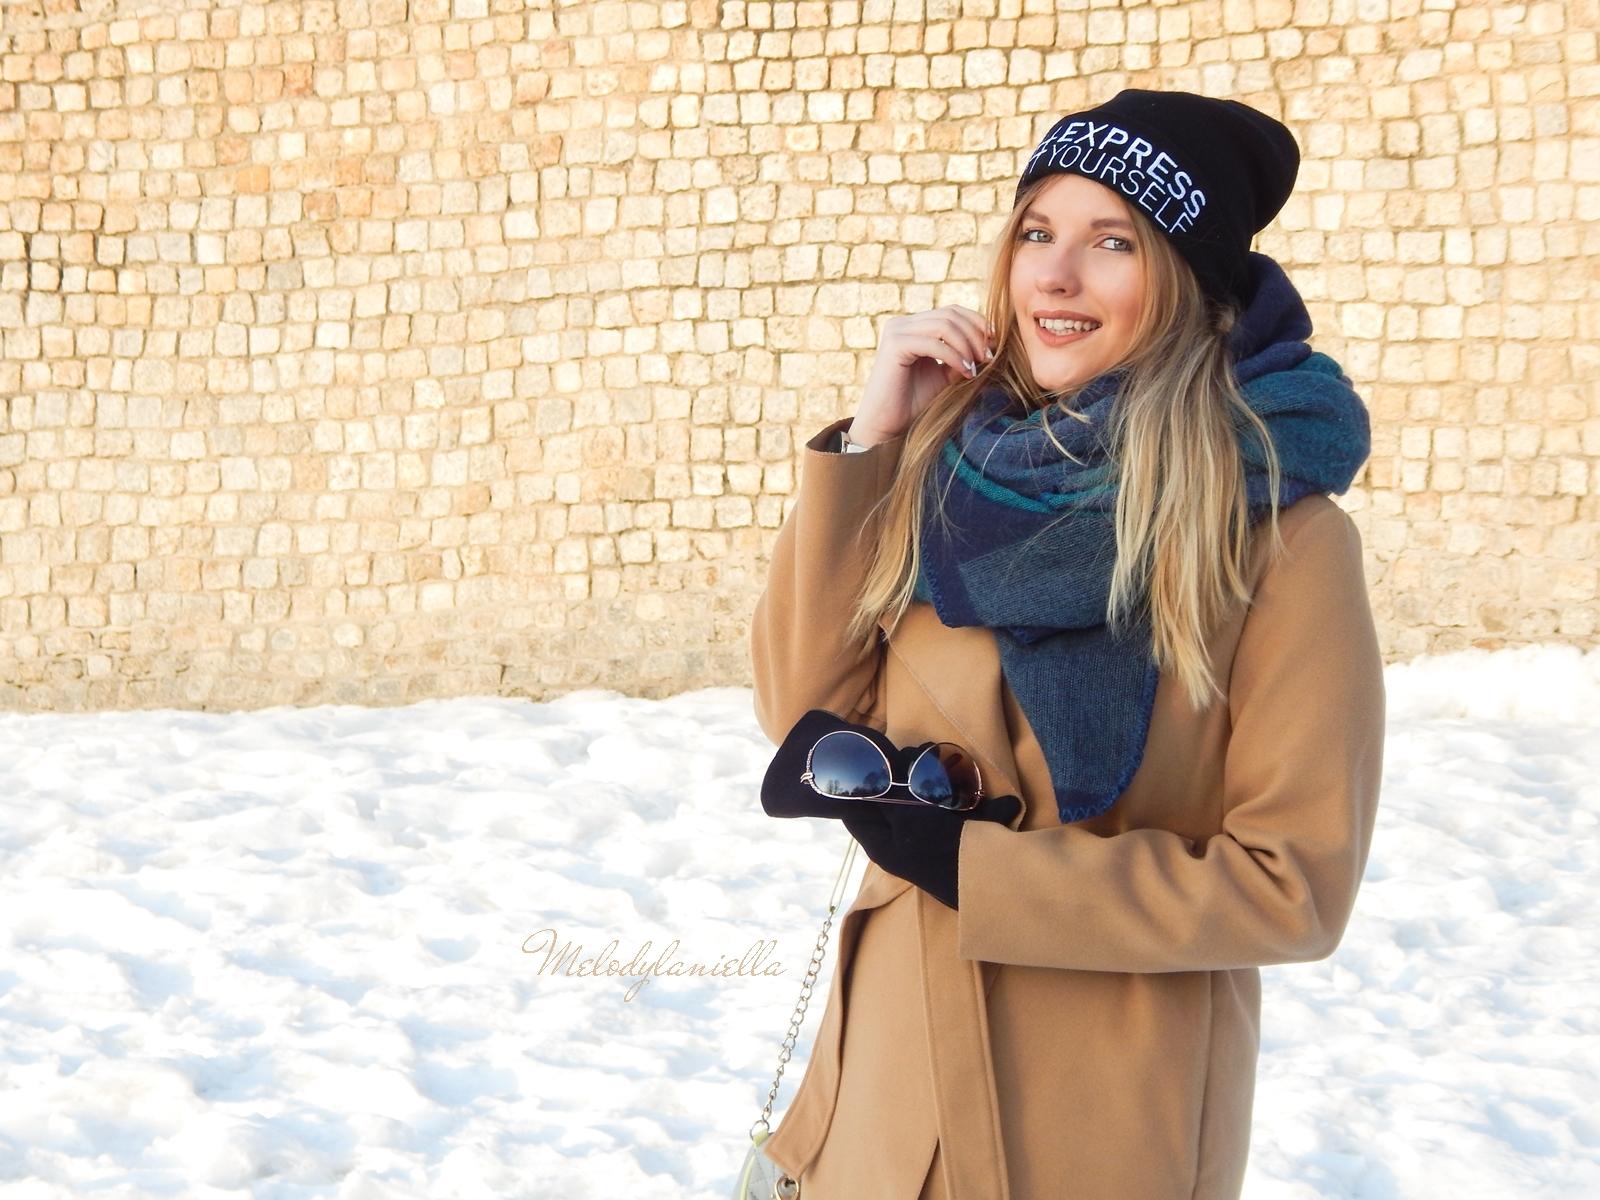 6 melodylaniella wełniany piaskowy beżowy karmelowy wielbłądzi płaszcz stylizacja na zimę białe dodatki torebka manzana trapery deichmann czepka bellissima duży szal okulary polskie blogerki modowe